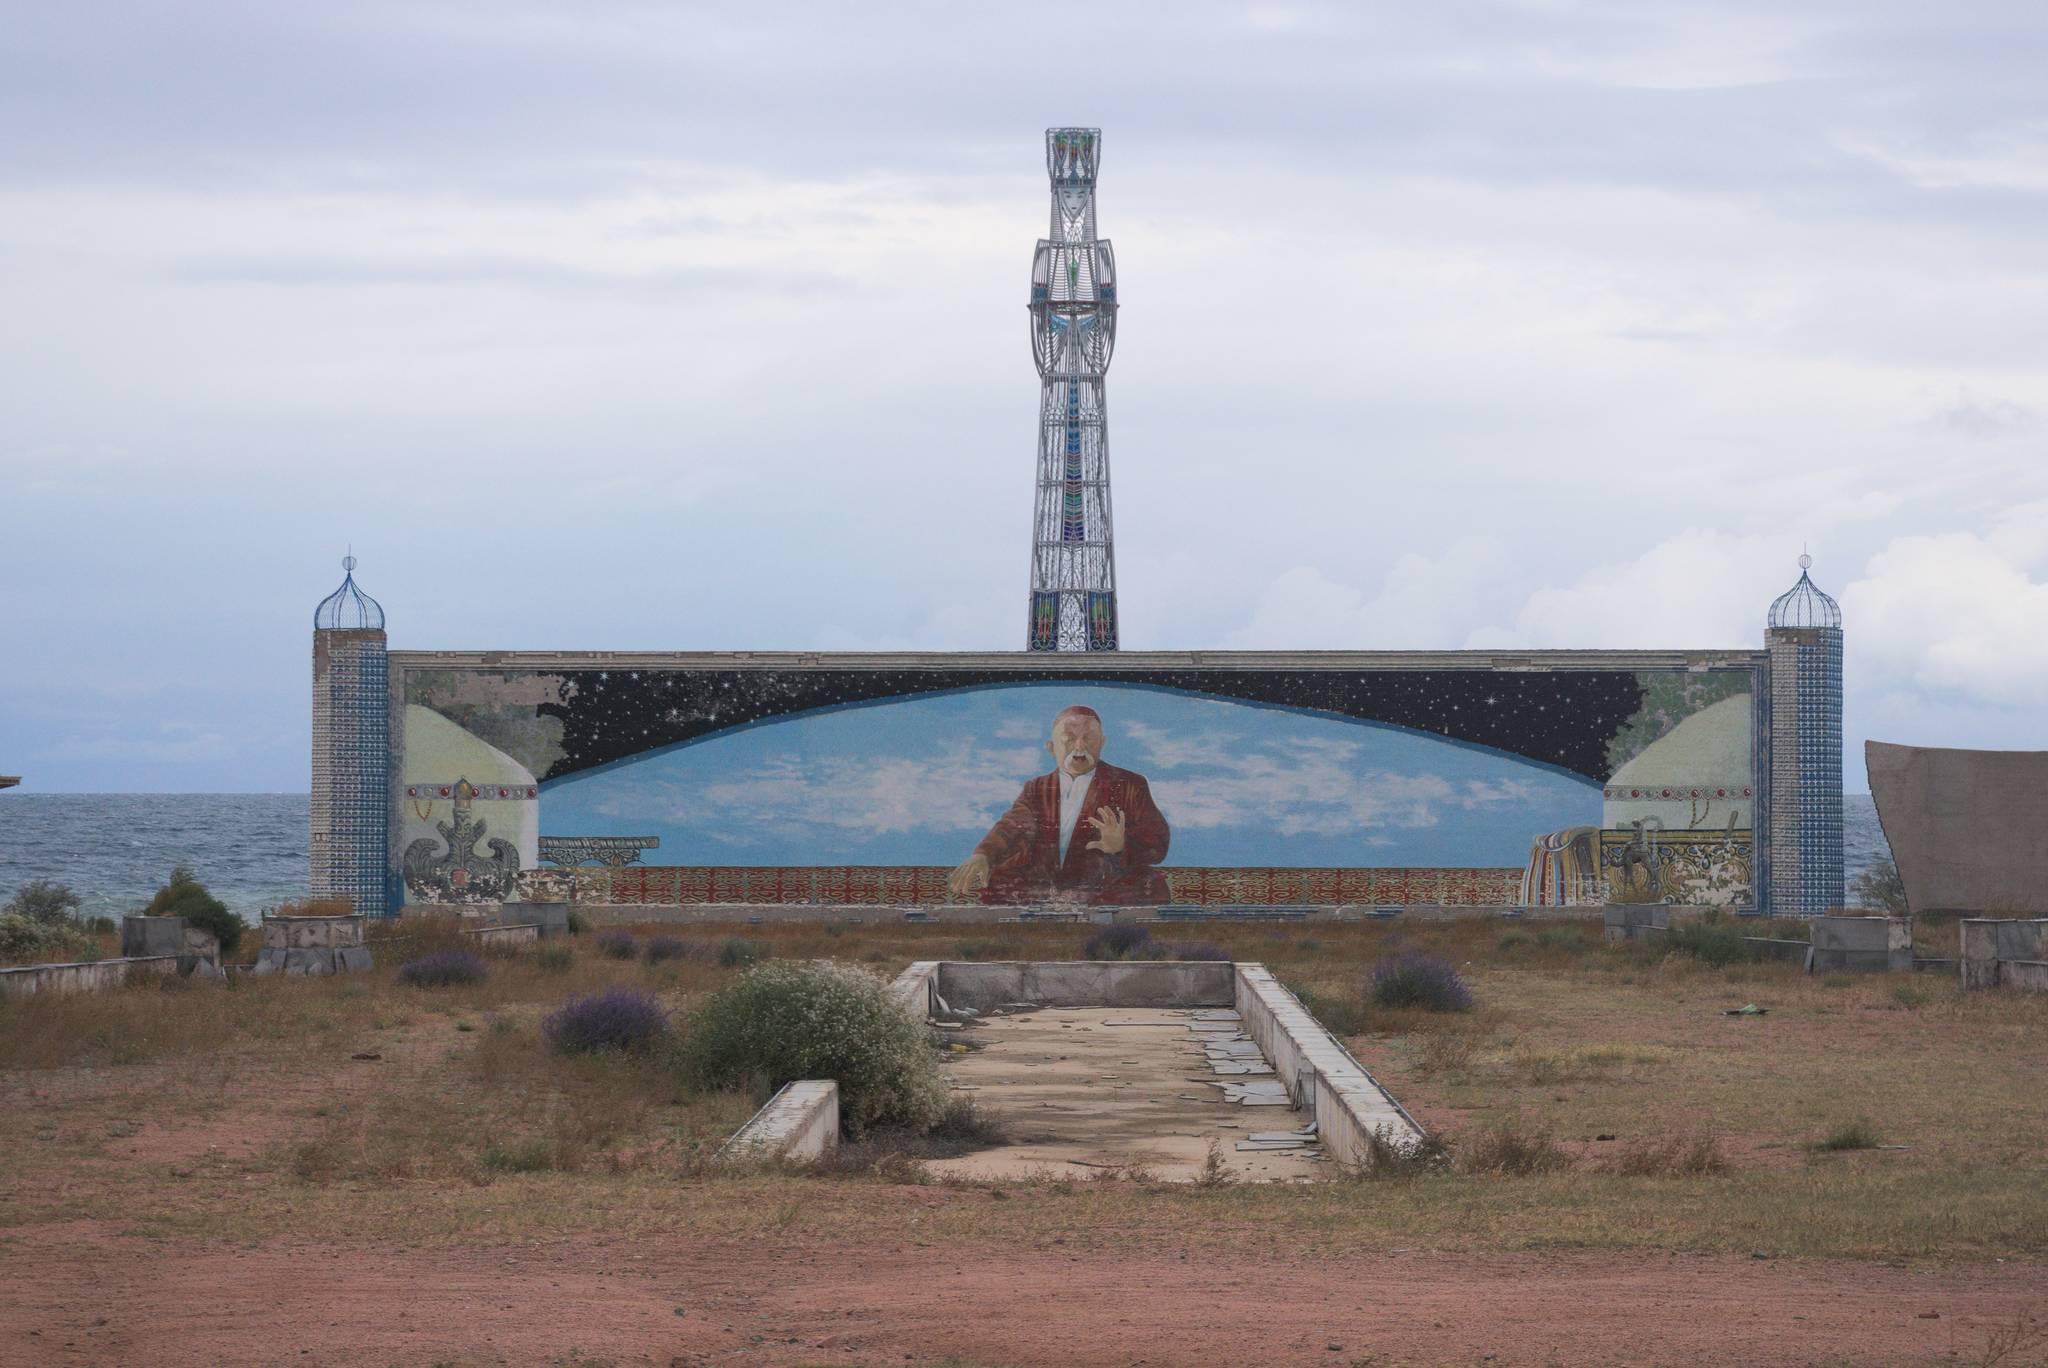 Grube WTF, czyli dziwne budowle w okolicy Każy-Saj